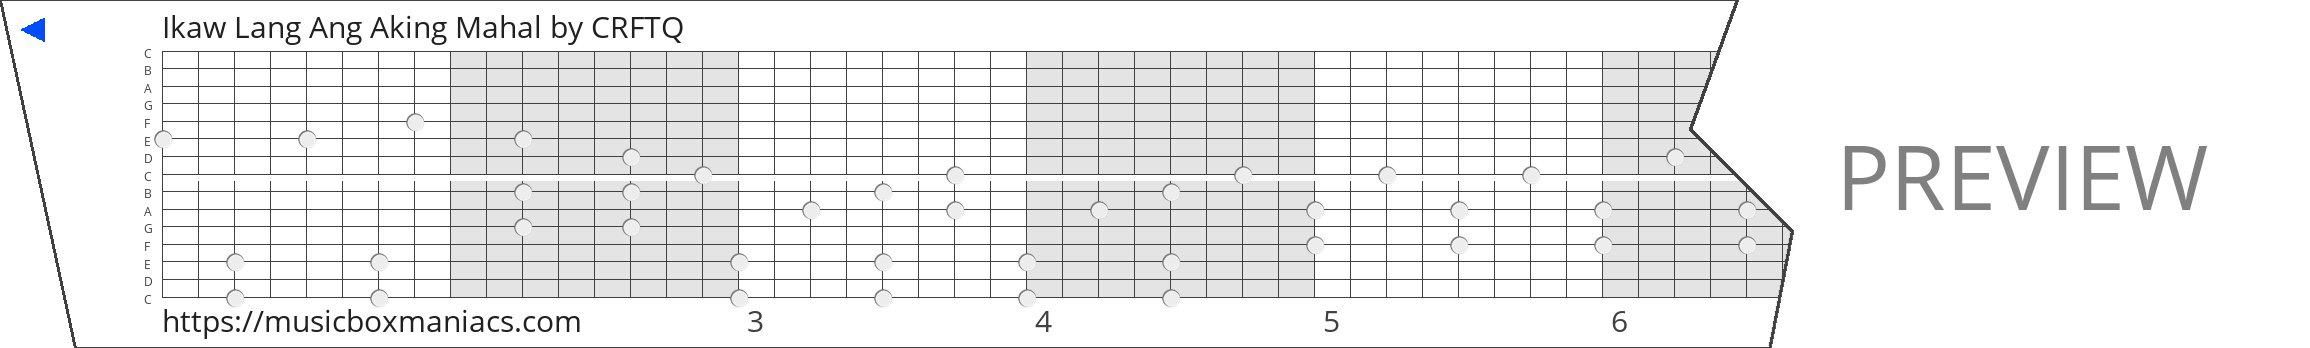 Ikaw Lang Ang Aking Mahal 15 note music box paper strip